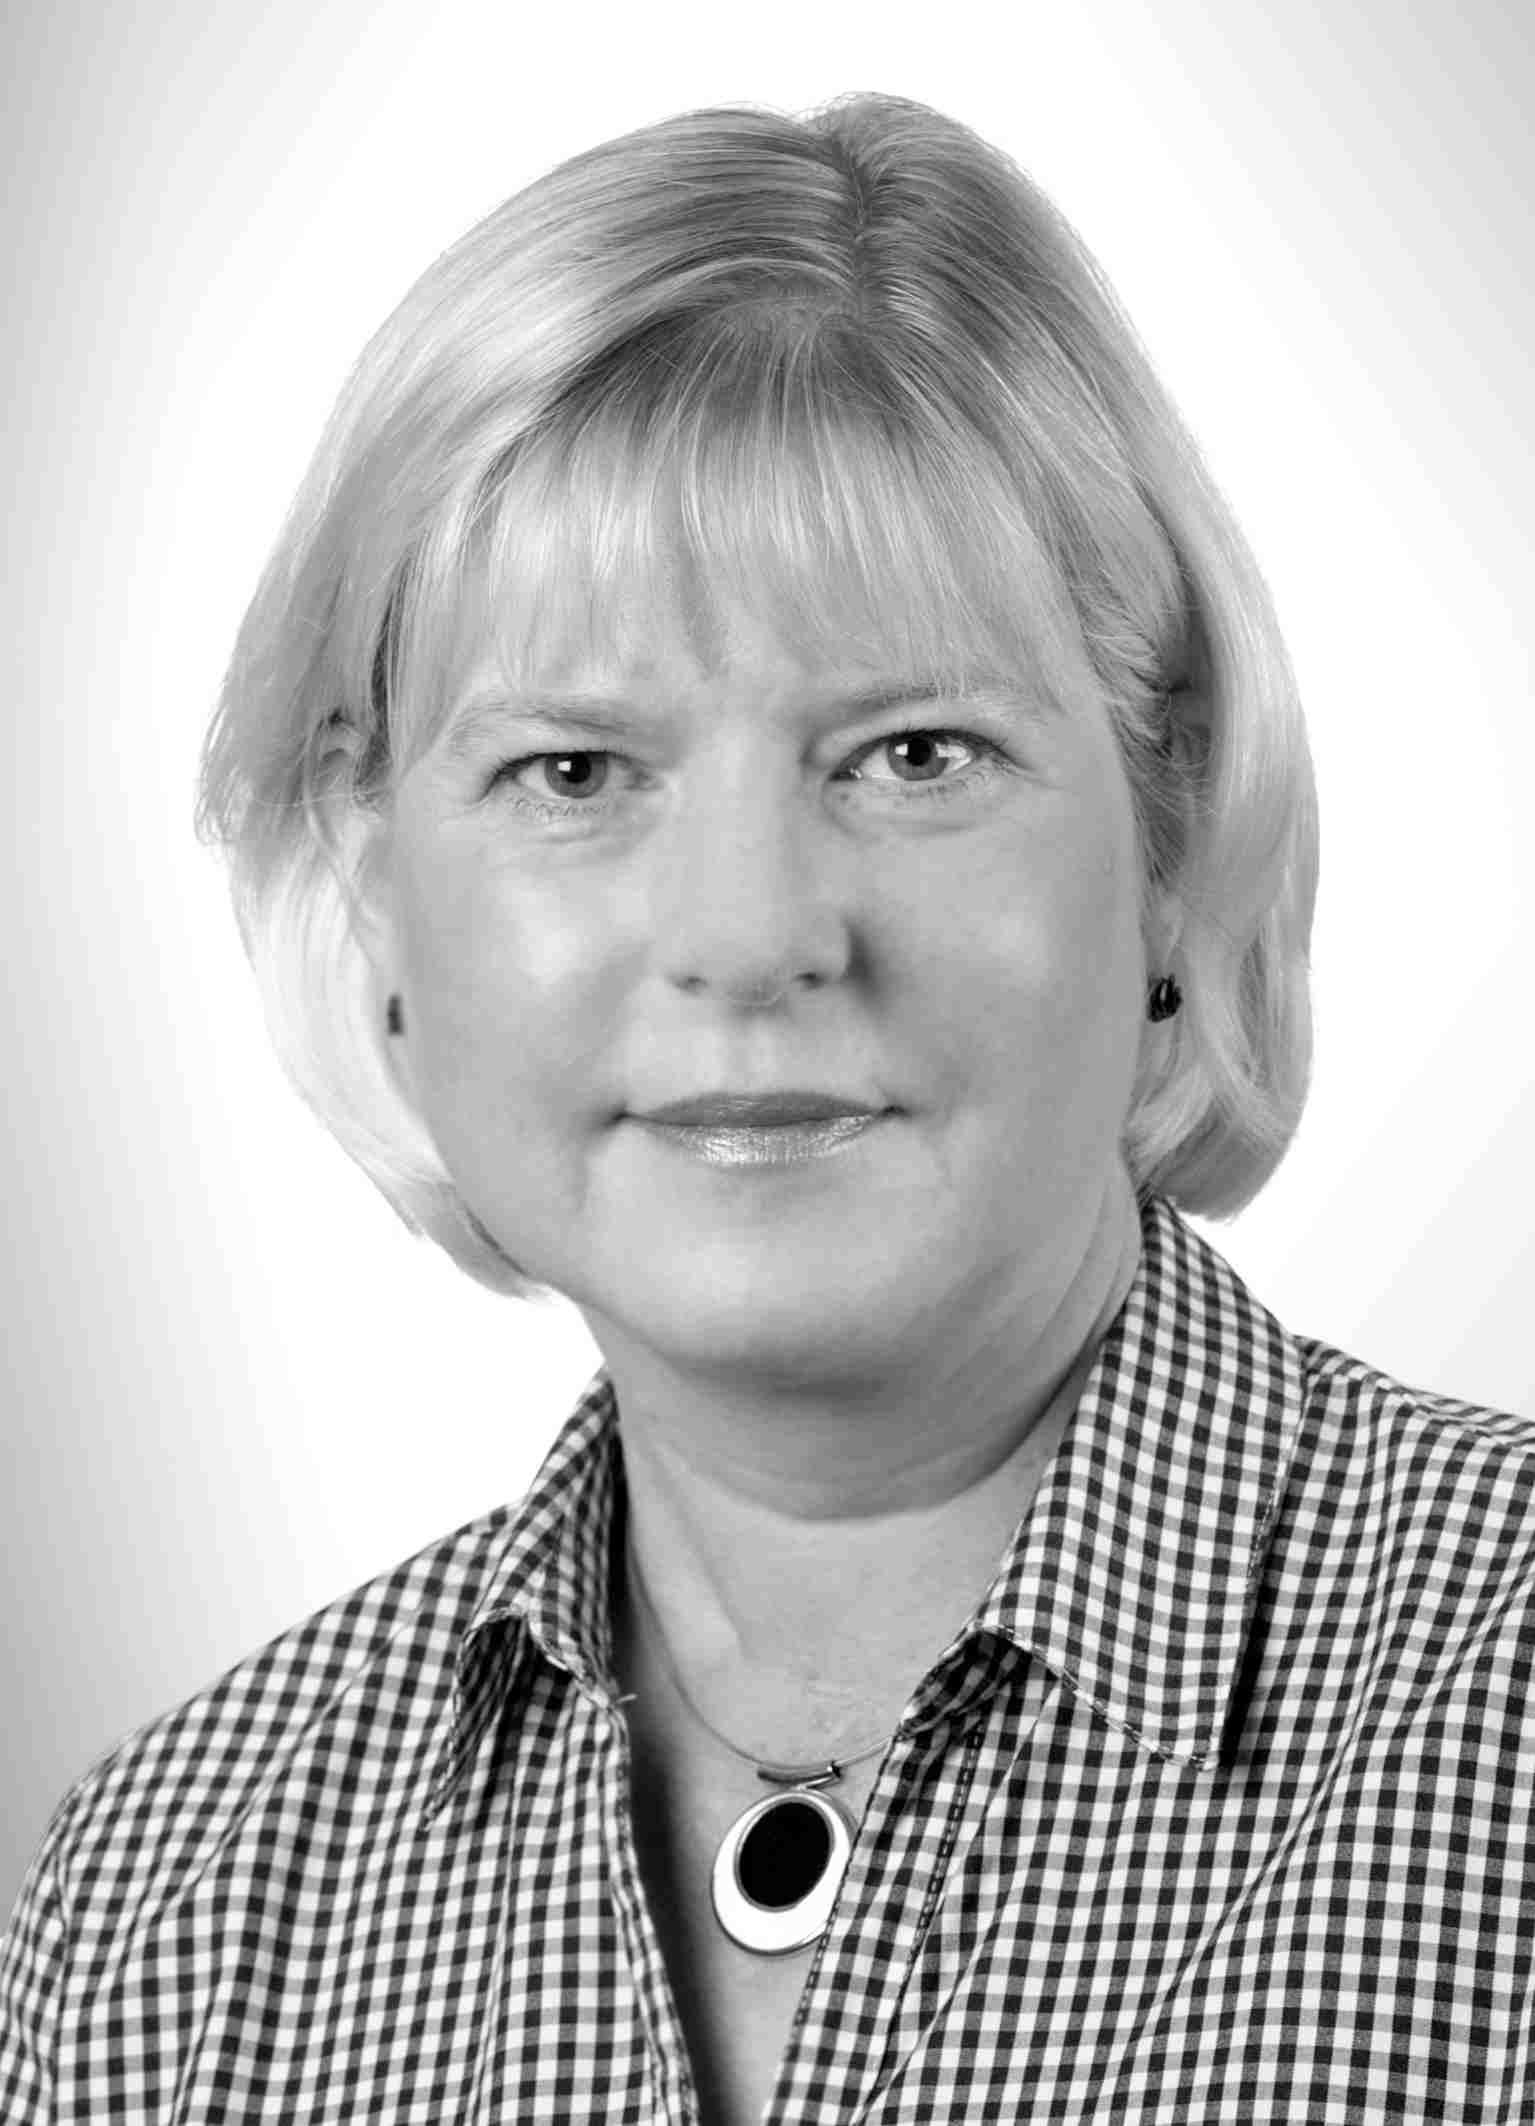 <b>Martina Brüggemann</b>, Assistenz der Fachberater bei Ingenieurbüro Dünkel - passbild_mbr